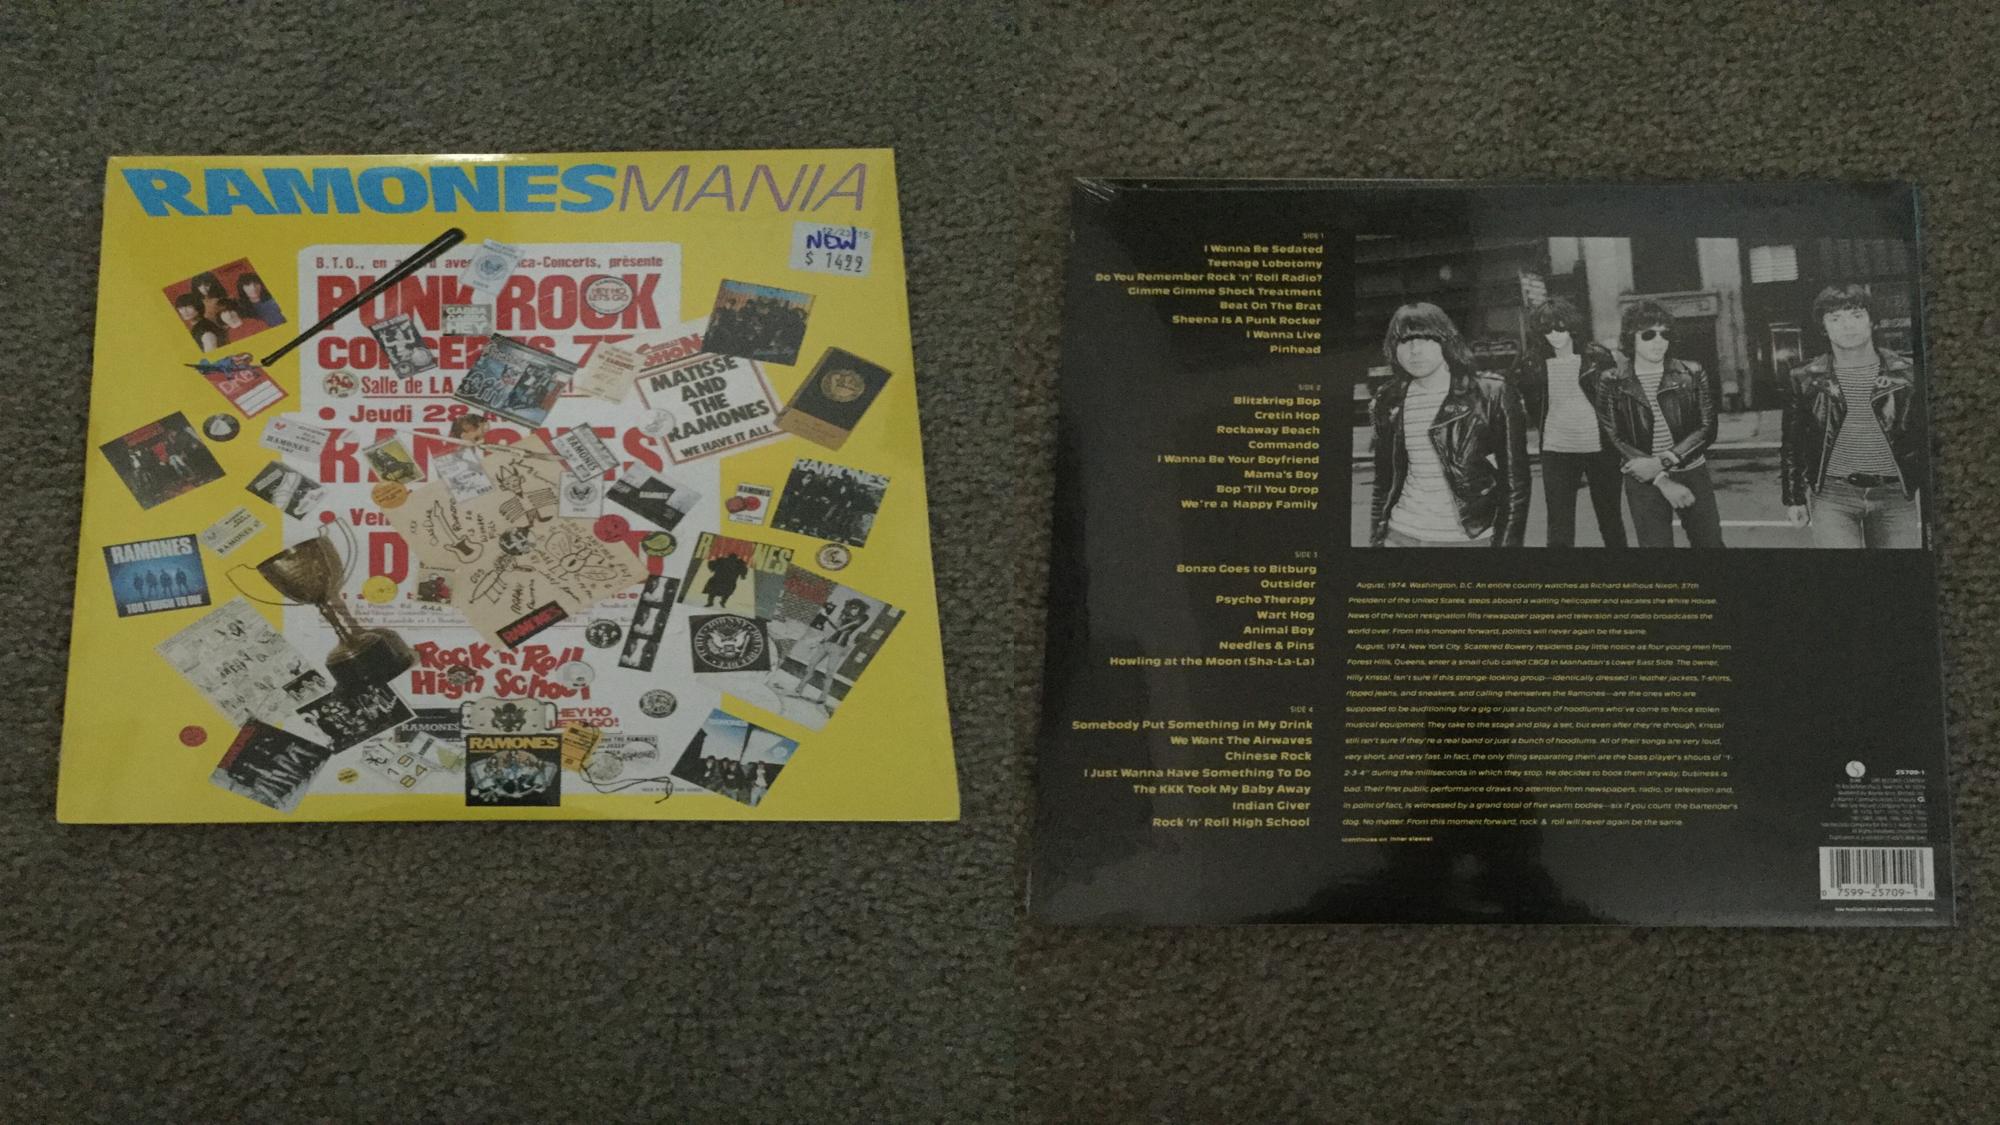 My Ramones Ramones Mania vinyl